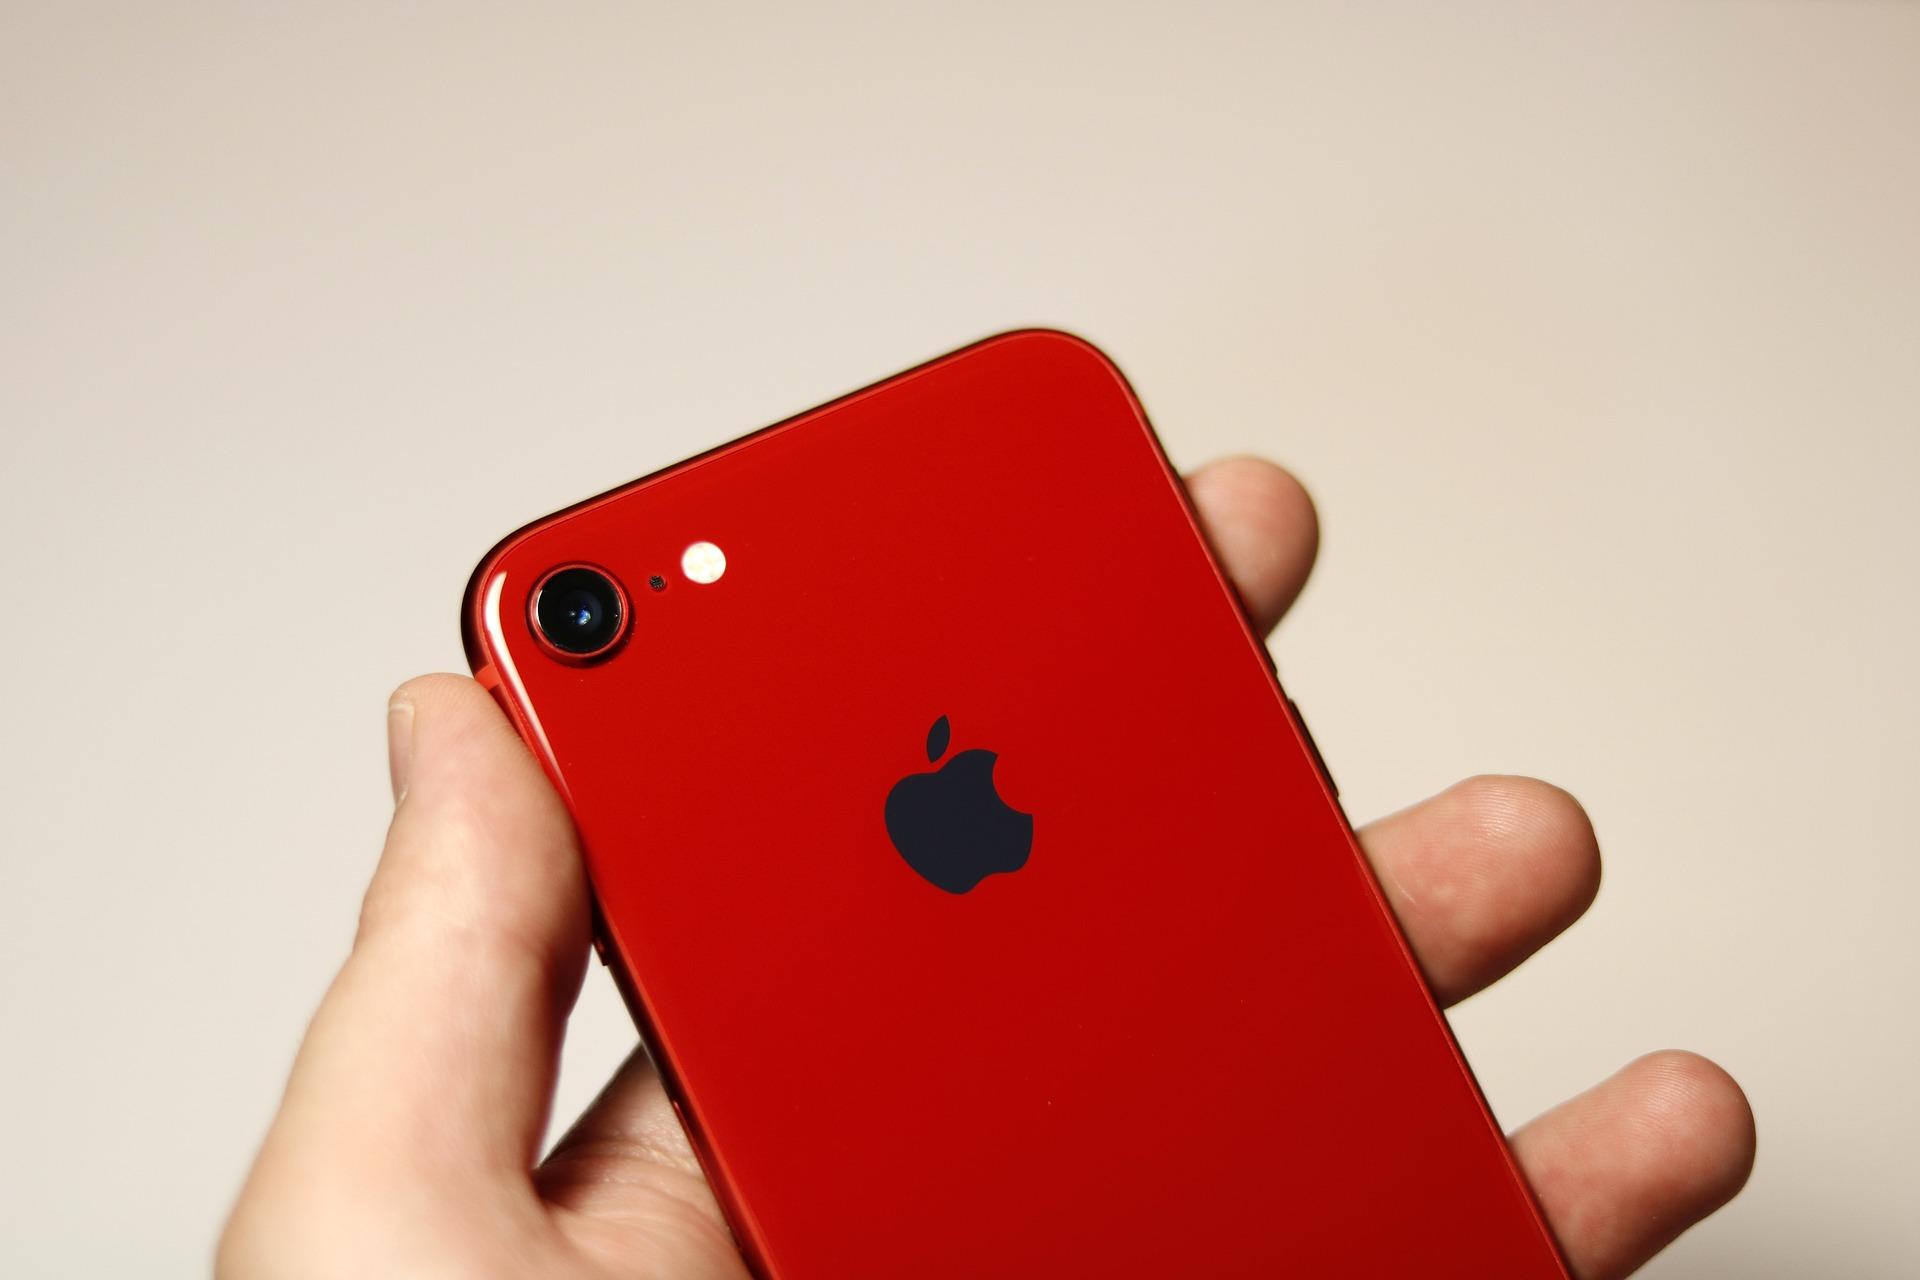 Wzmianki o iPhonie 9 Plus zostały znalezione w kodzie iOS 14 20